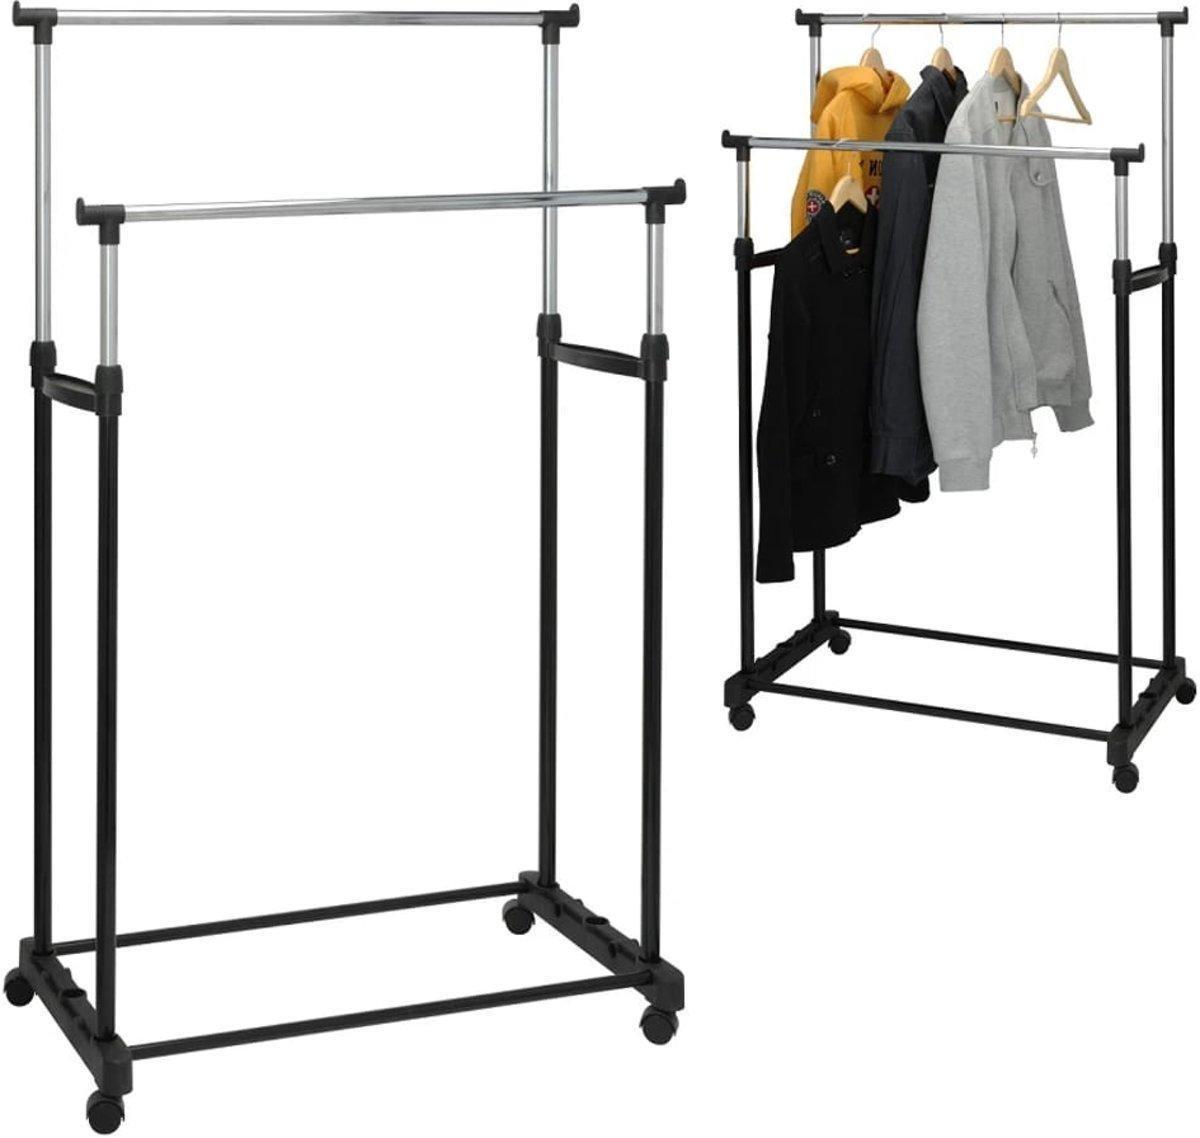 Relaxwonen - Dubbel kledingrek - op wielen met instelbare hoogte - 86x42x170cm - Mobiel kleding rek